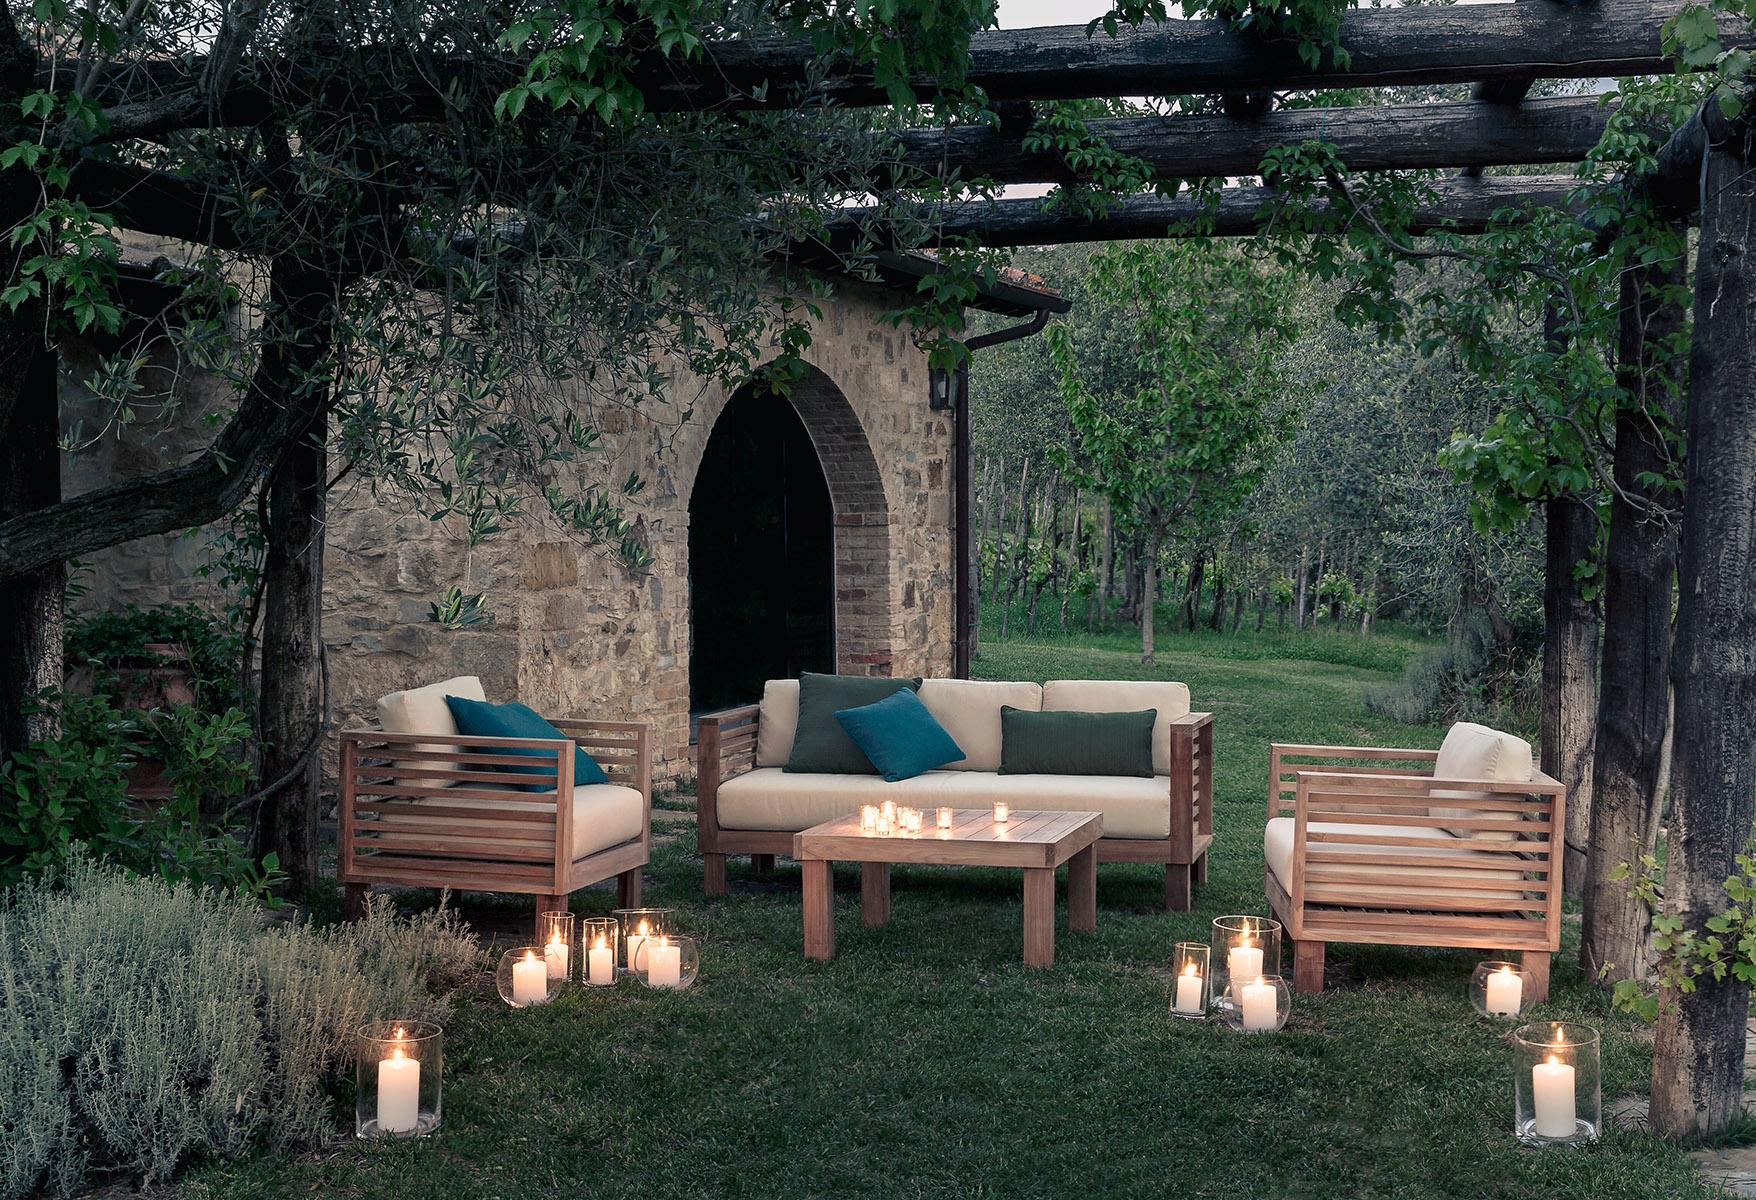 Il giardino di legno la passione per la cura del dettaglio - Il giardino di legno ...